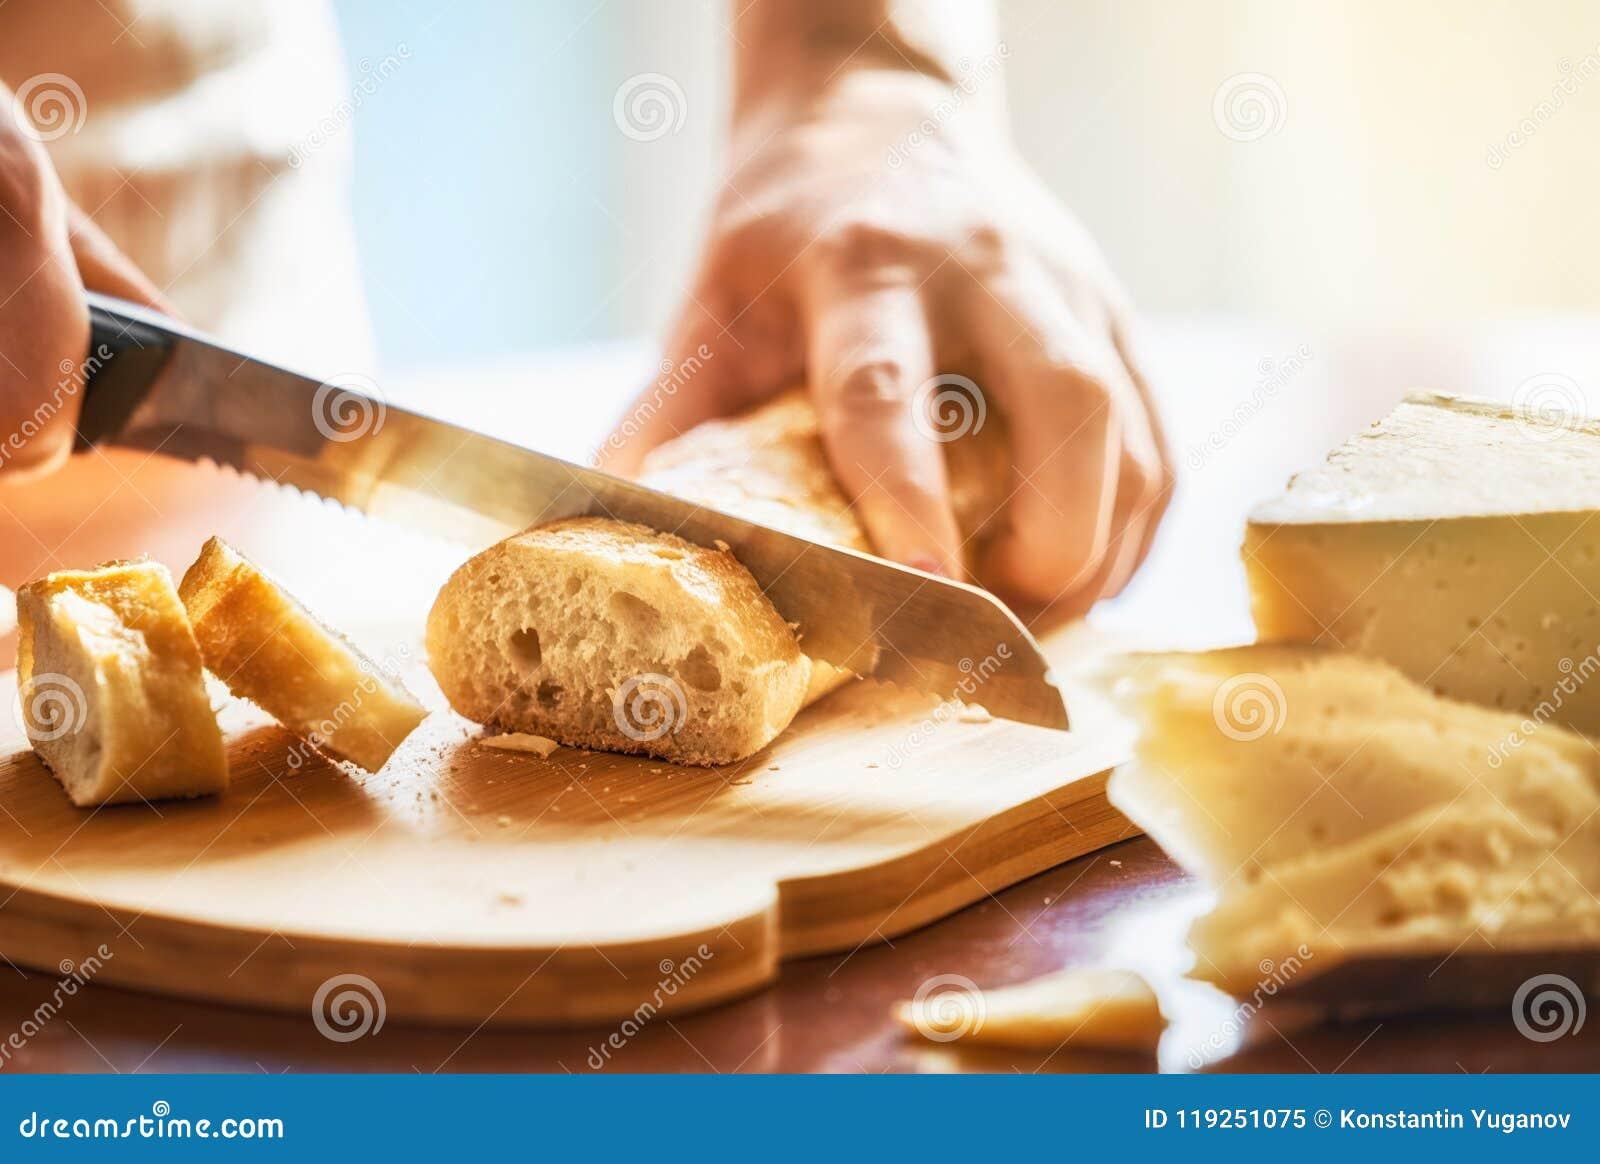 Pane di taglio della persona